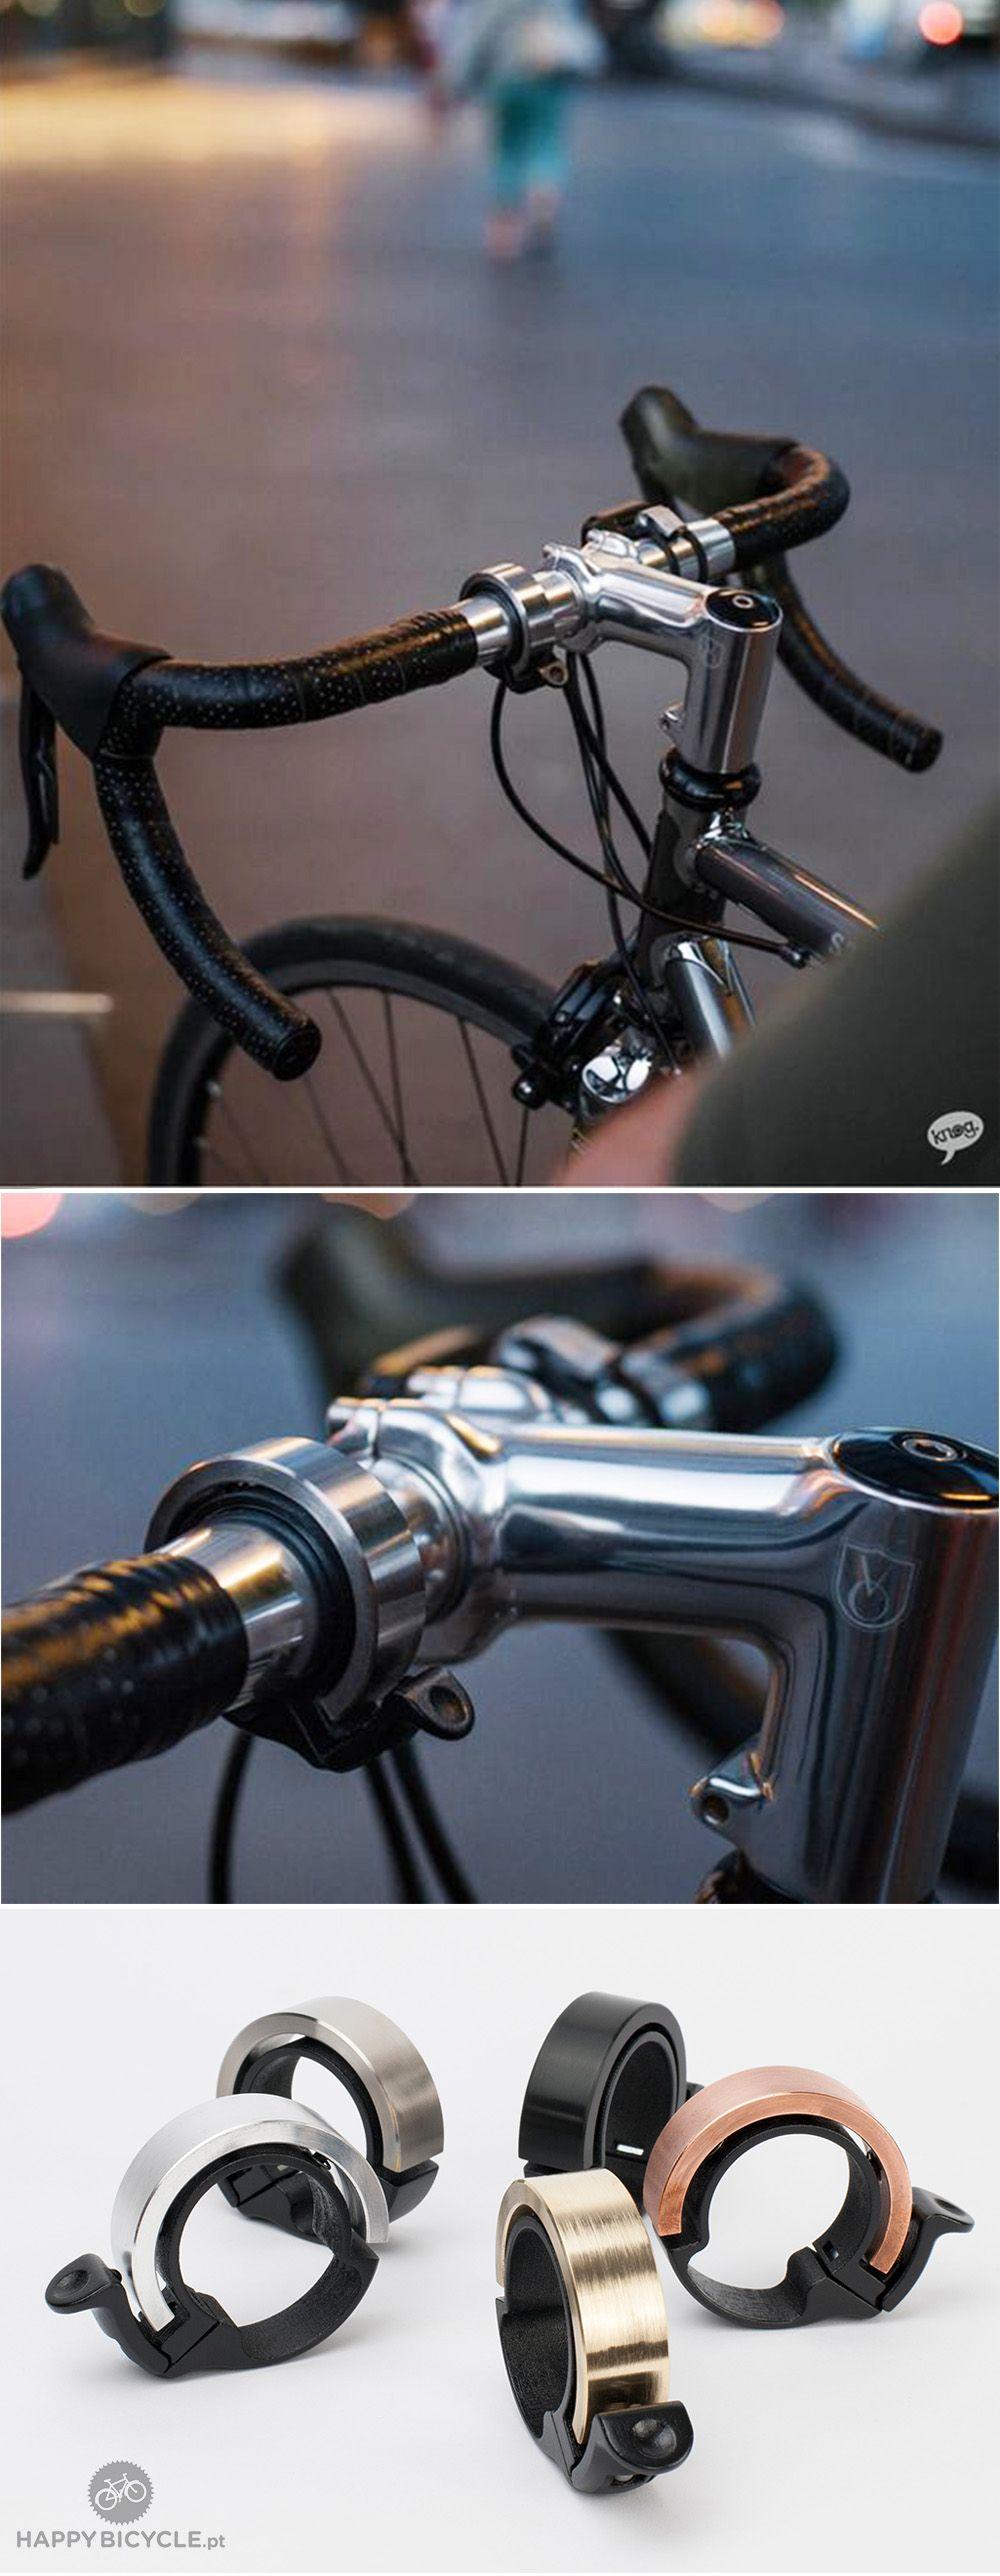 Oi Bell Urban Bike Bike Reviews Bike